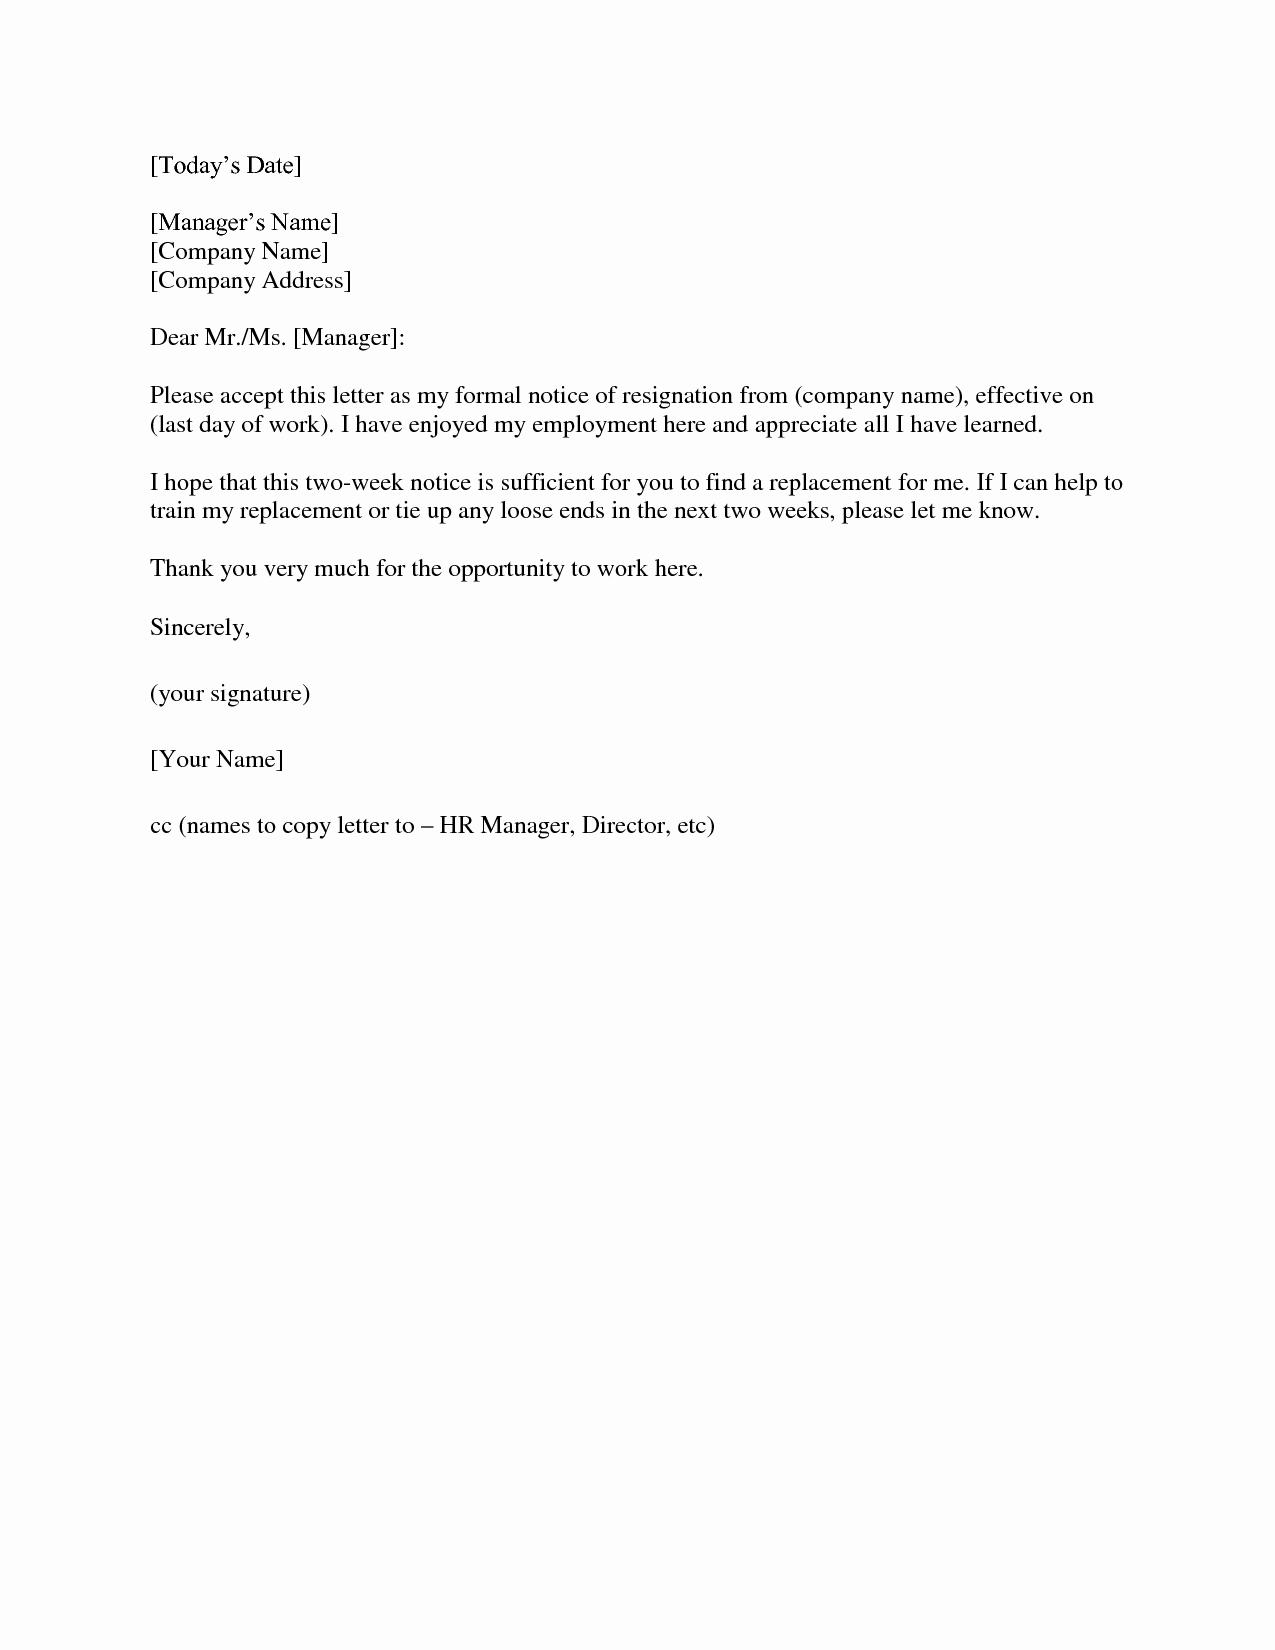 2 Weeks Notice Letter